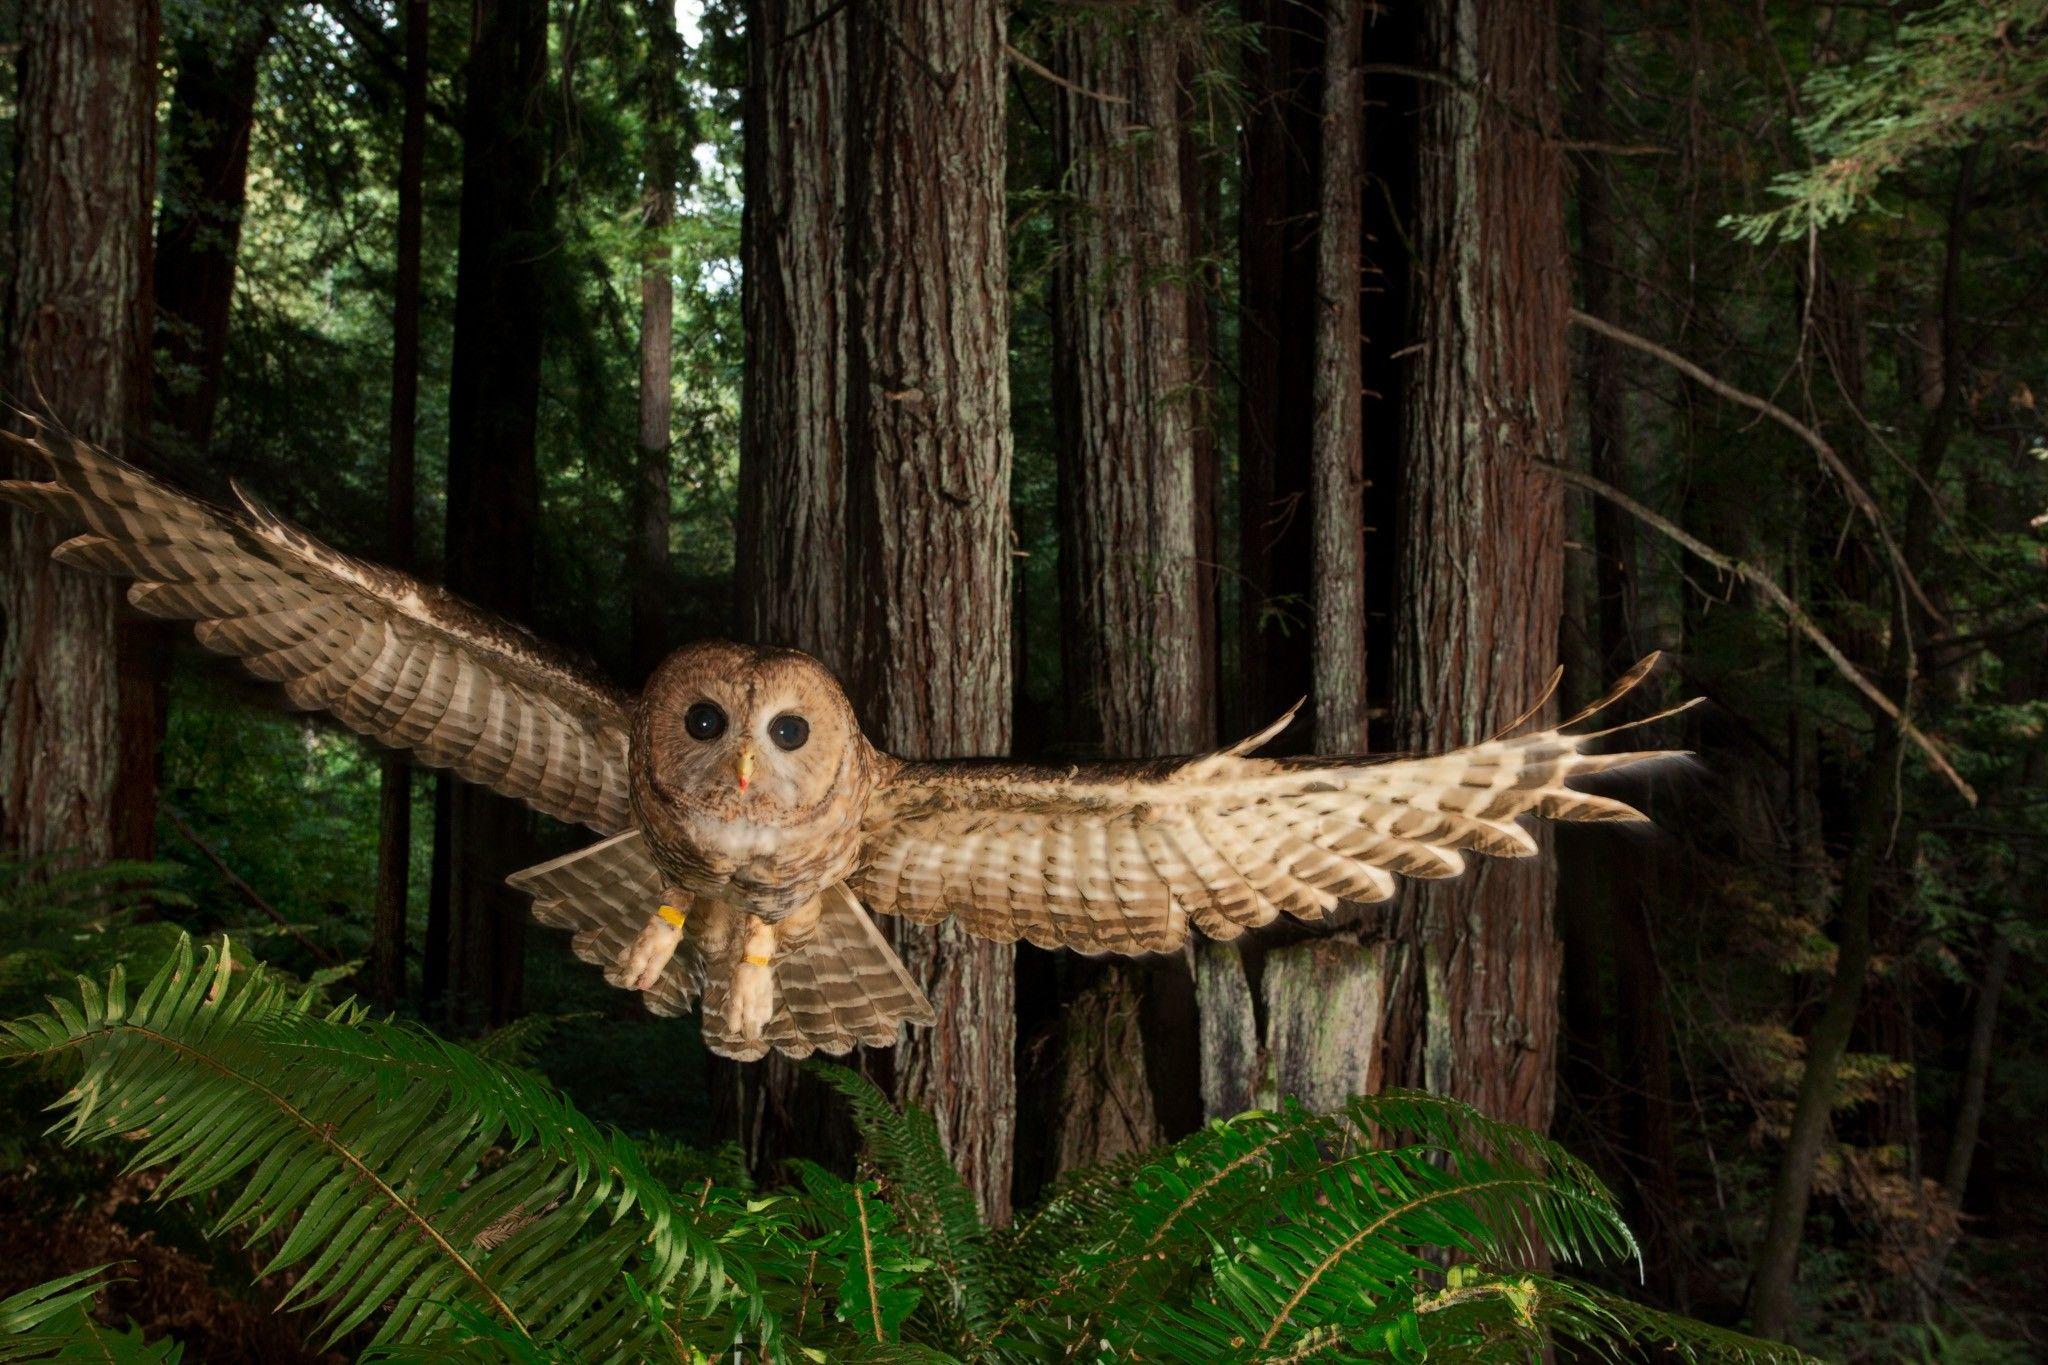 Galerie: Unsere liebsten Tierfotos aus Kamerafallen | National Geographic